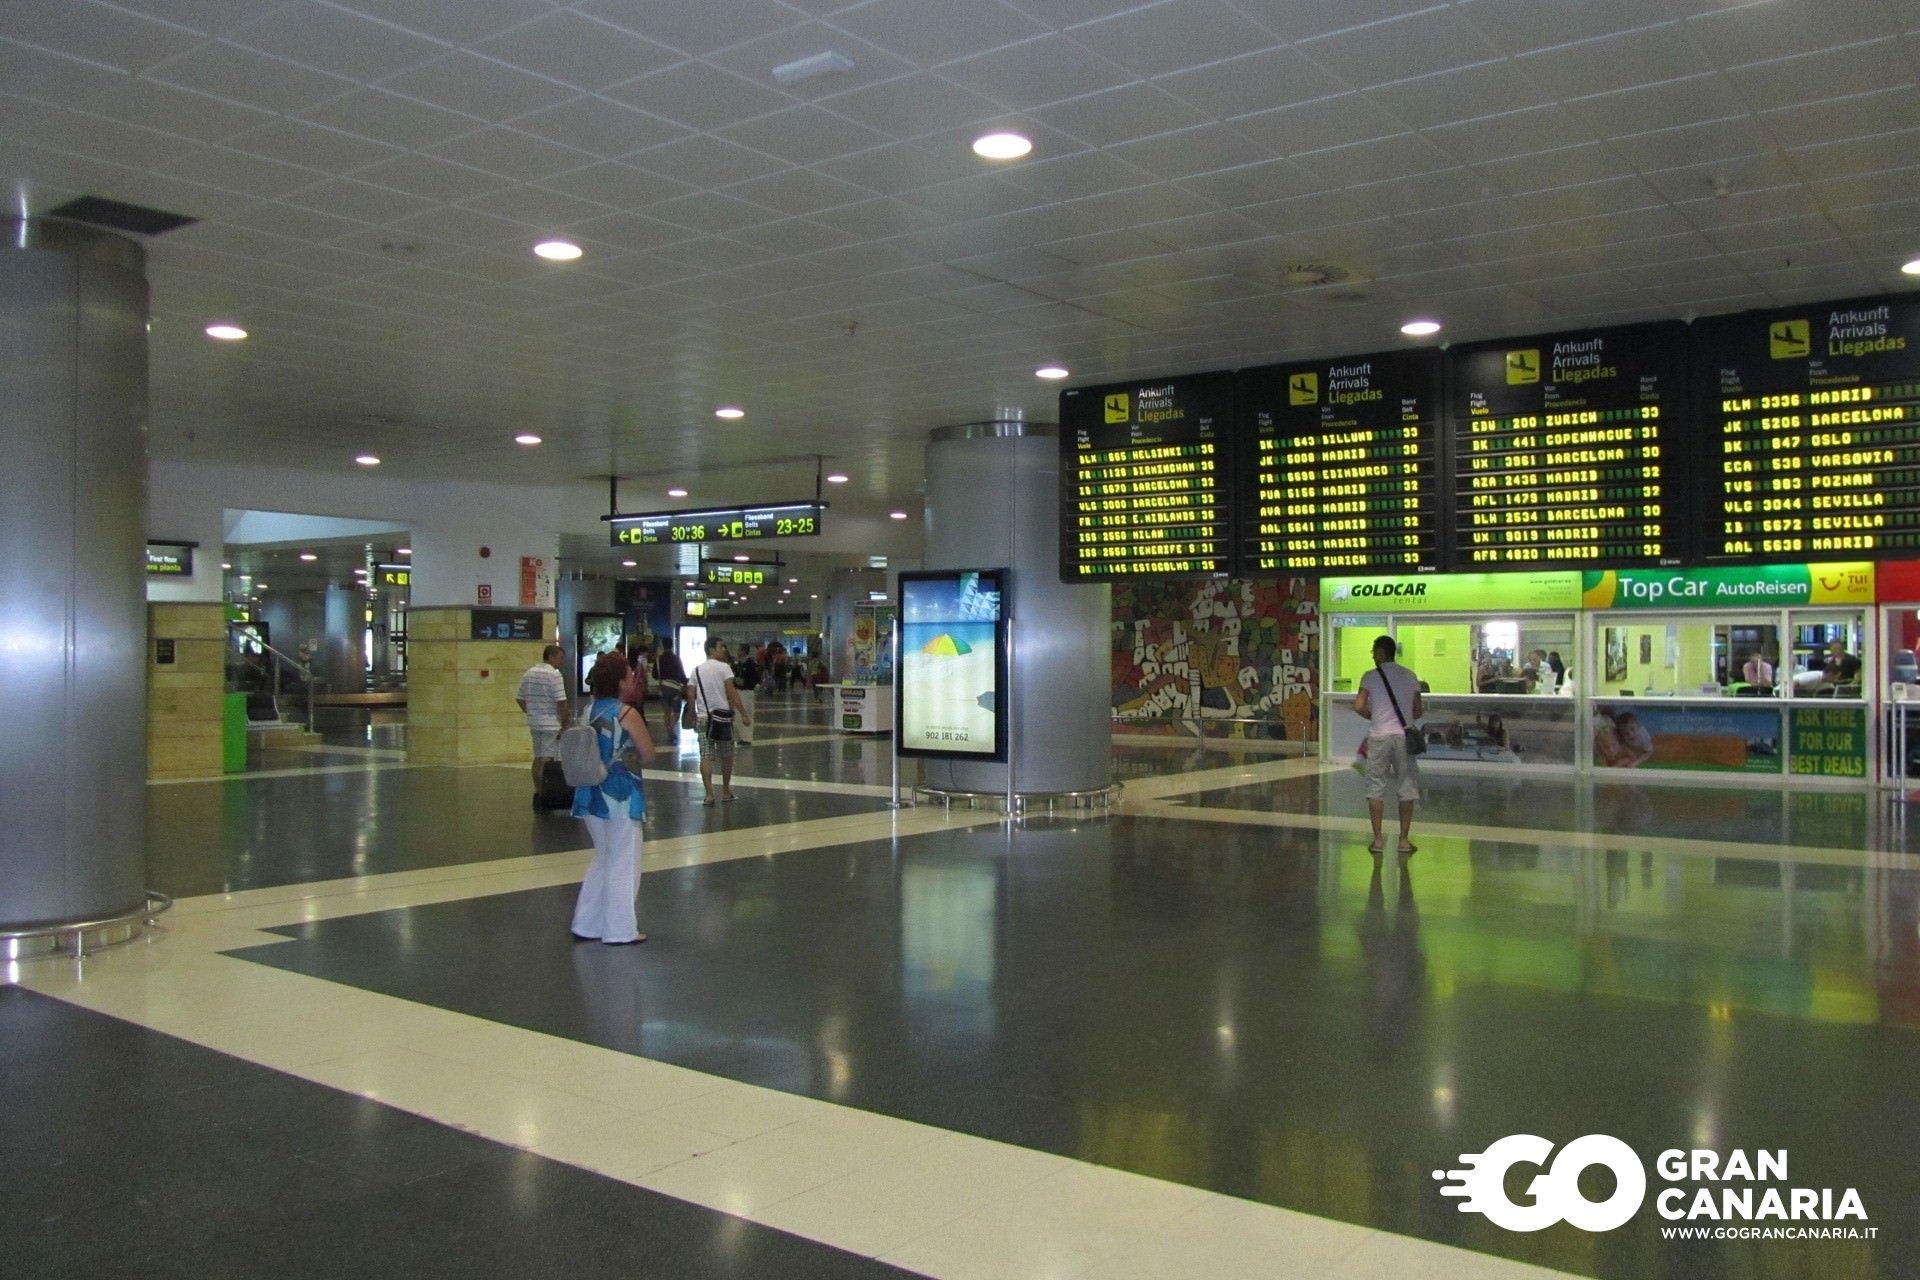 Aeroporto Gran Canaria : Aeroporto di gran canaria